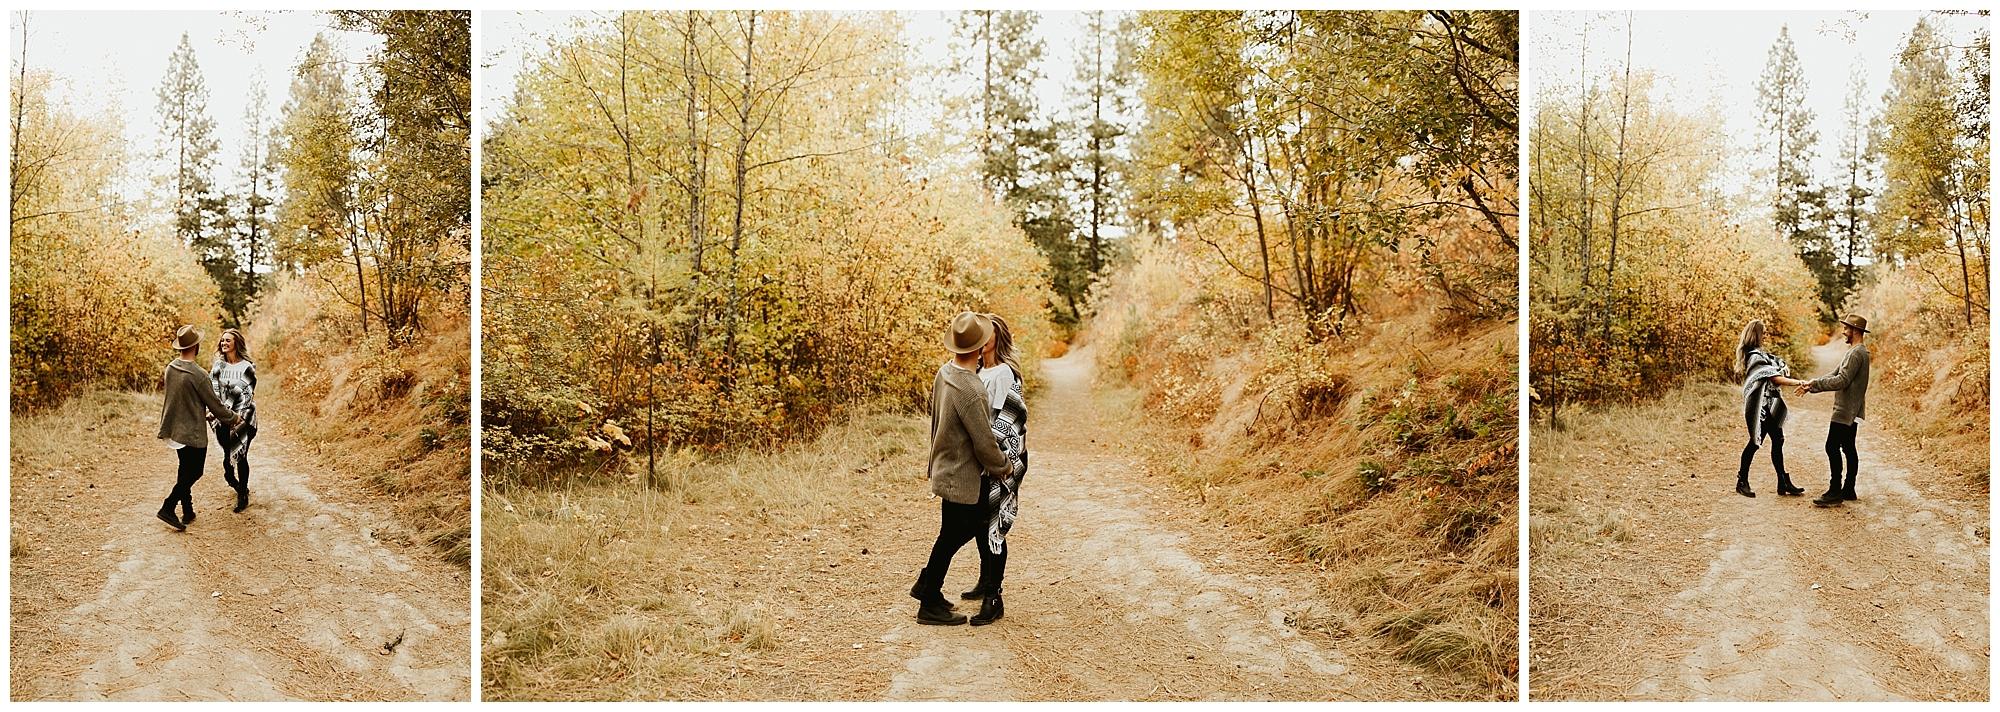 Spokane Cassie Trottier Photography_3144.jpg